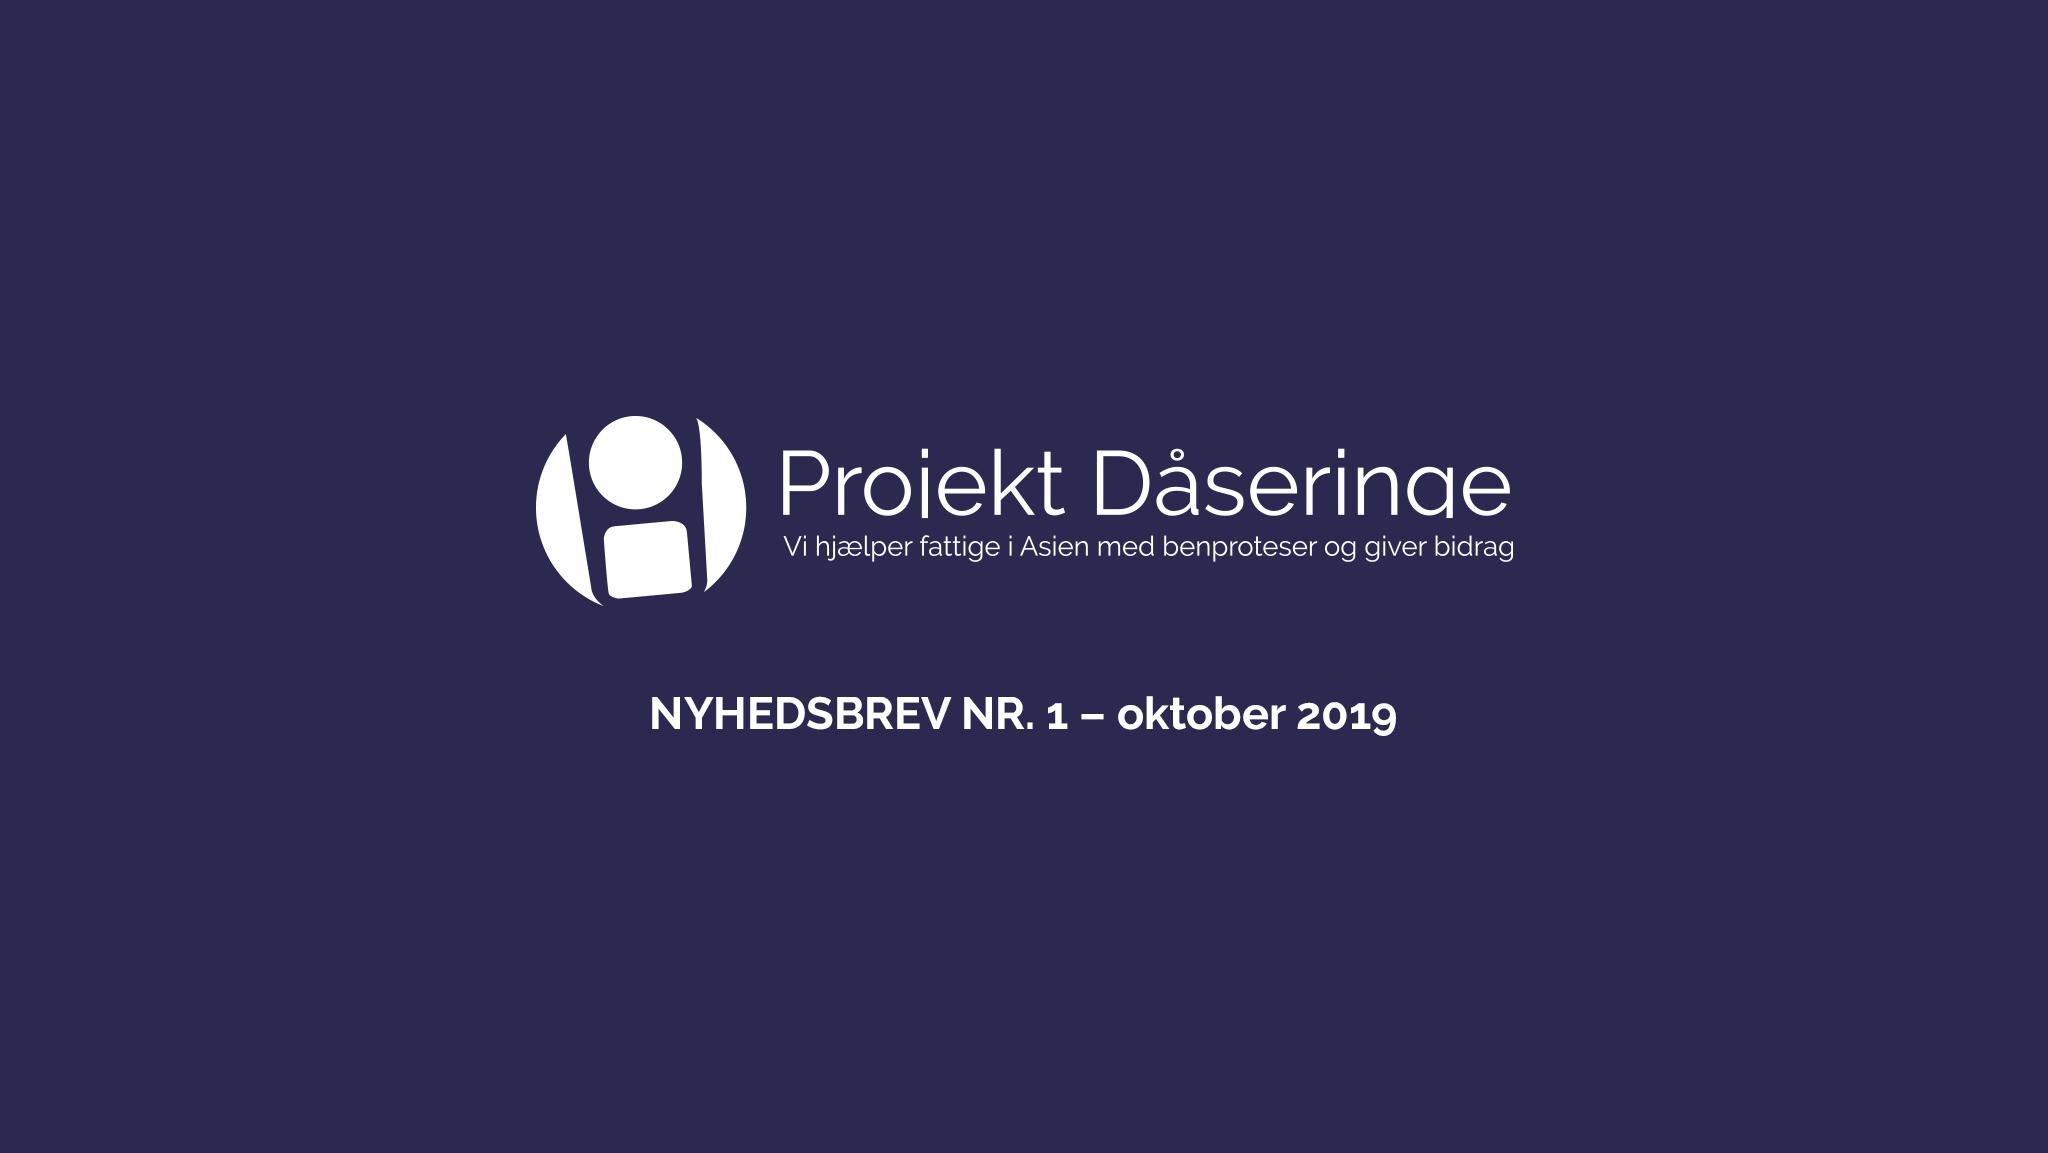 NYHEDSBREV NR. 1 – oktober 2019